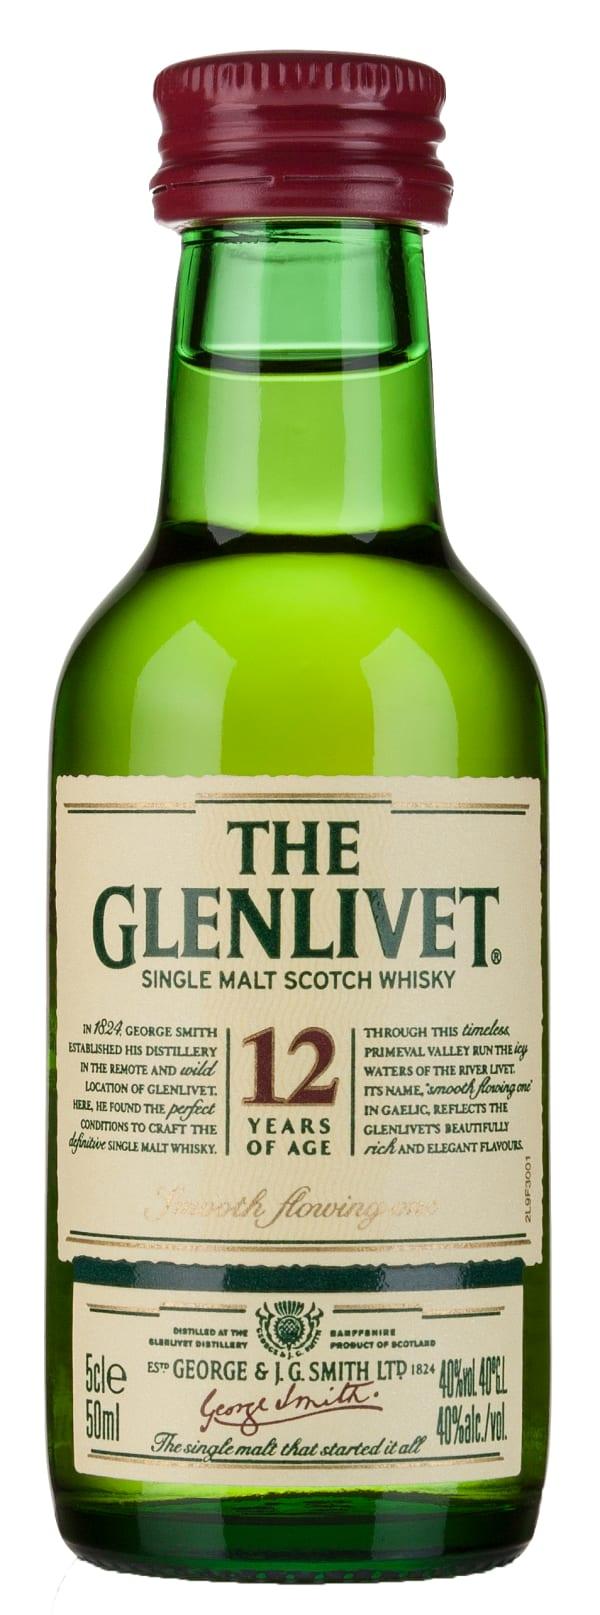 The Glenlivet 12 Year Old Single Malt